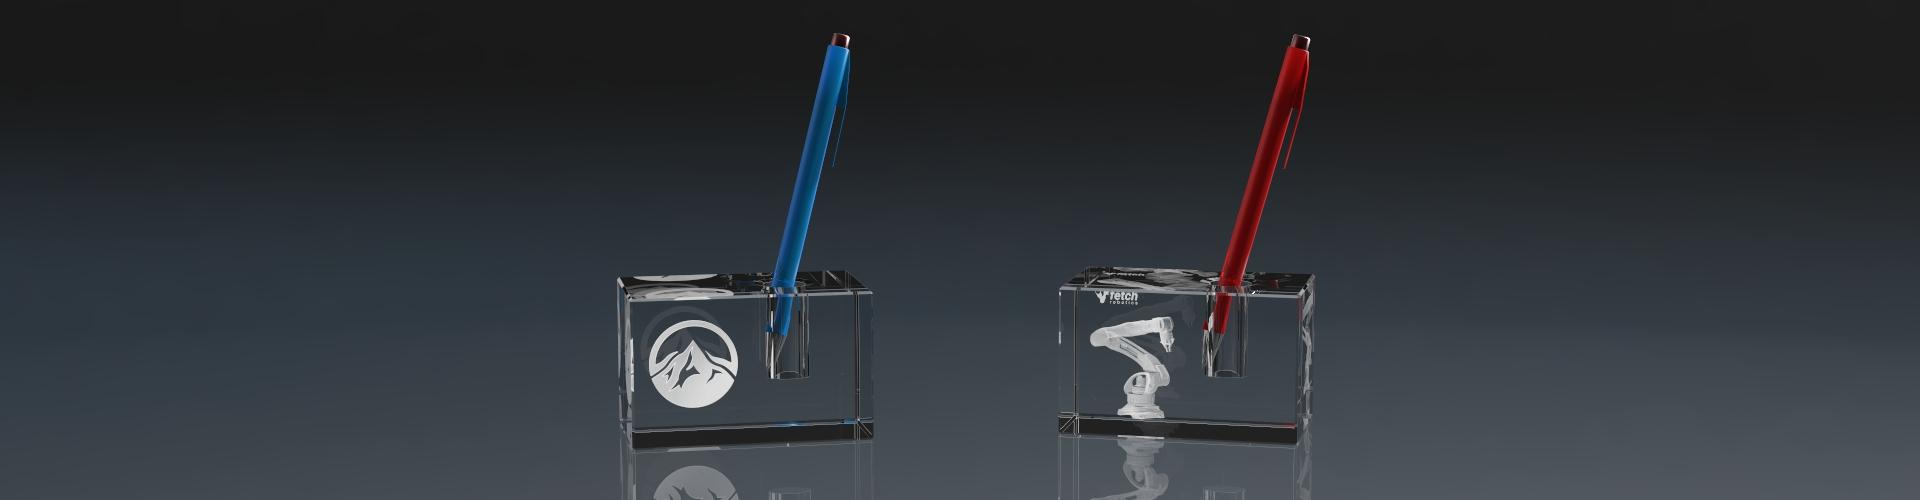 Zwei Stiftehalter aus Glas mit Lasergravur und Stiften